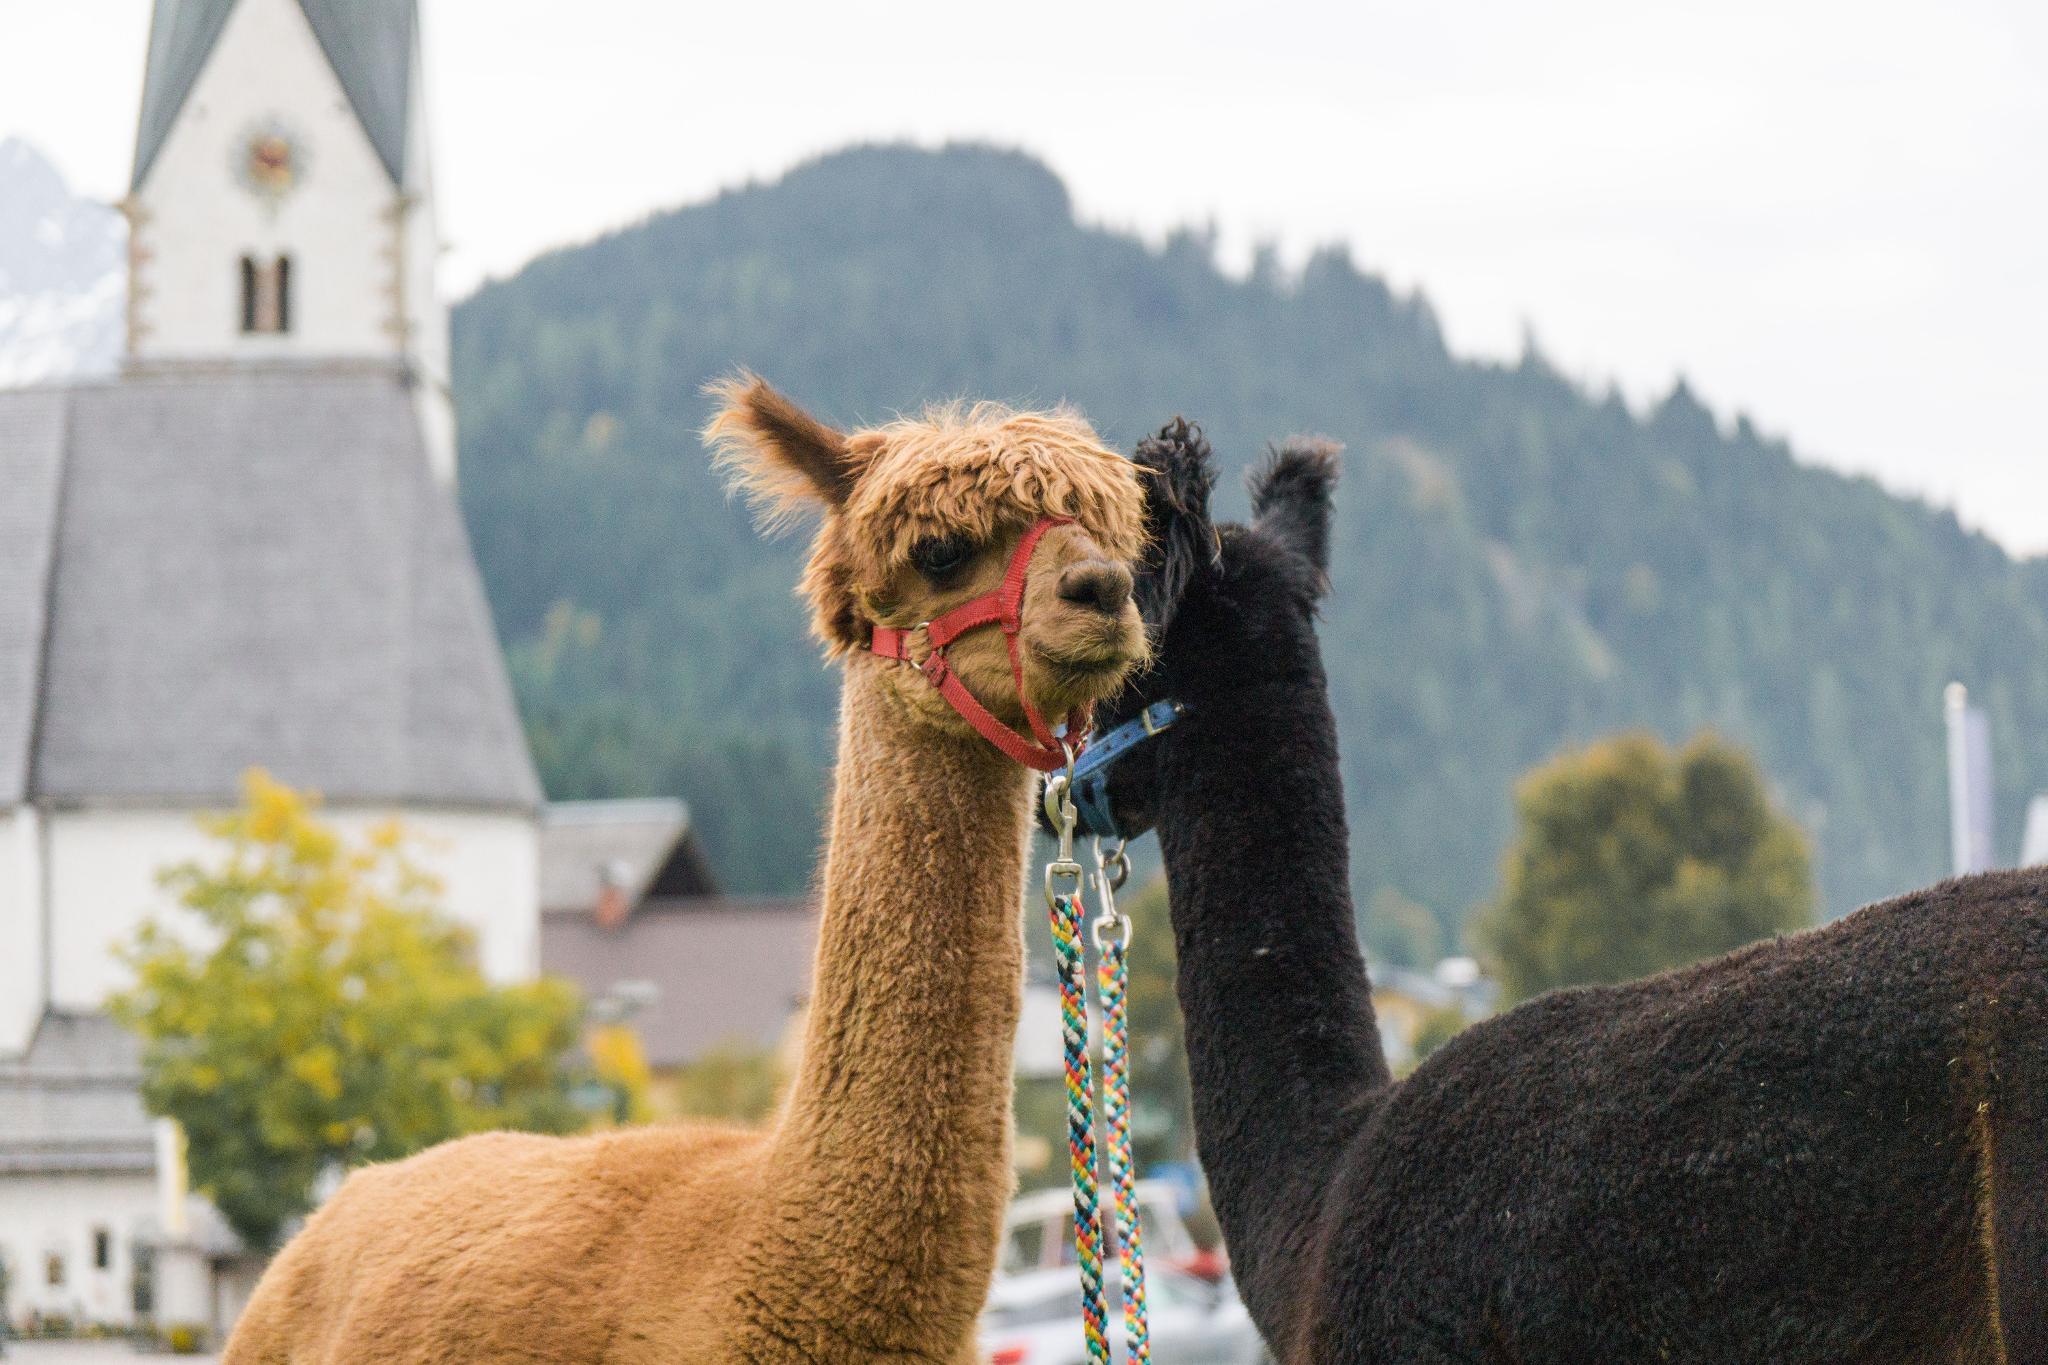 【奧地利】阿爾卑斯迷迷路!遇見美麗的奧地利風情小鎮:滕嫩山麓聖馬丁 13